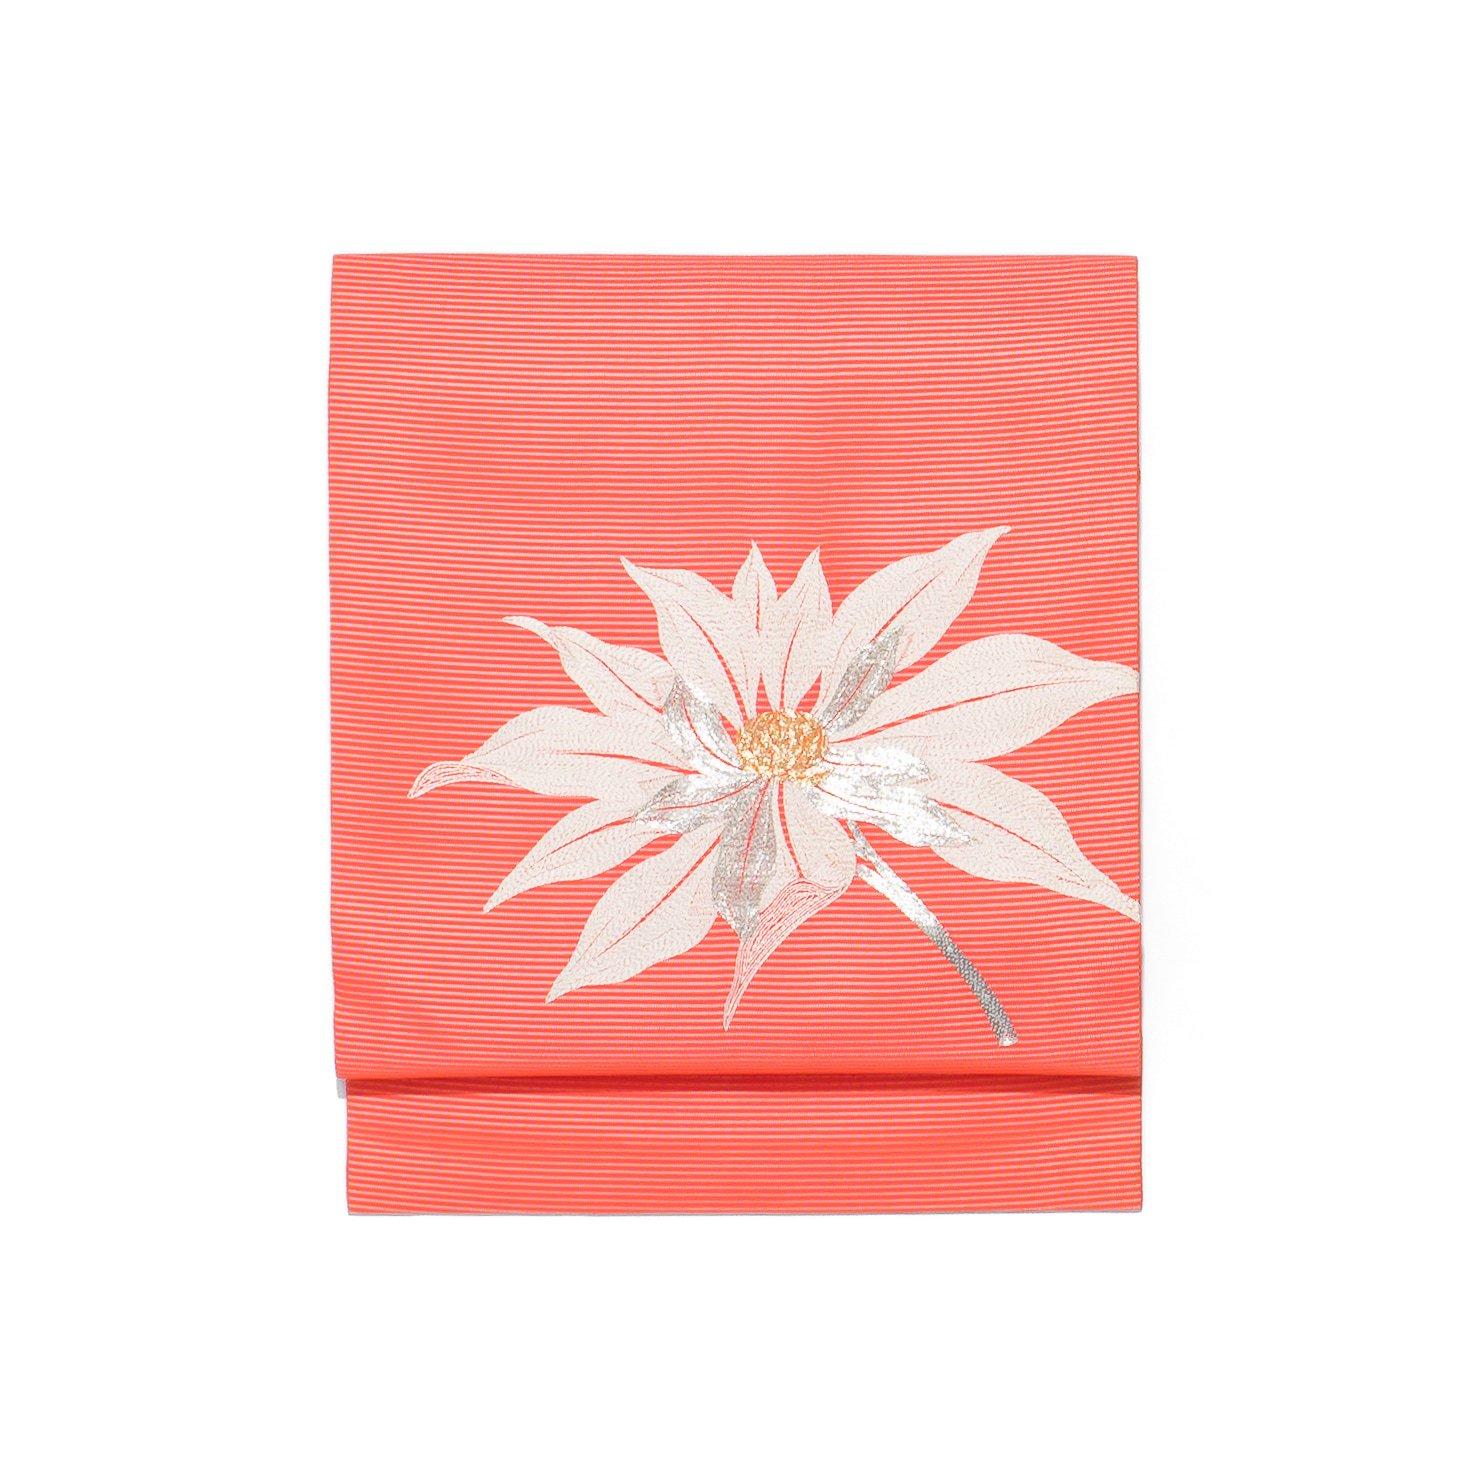 「夏帯●大きな花の刺繍」の商品画像